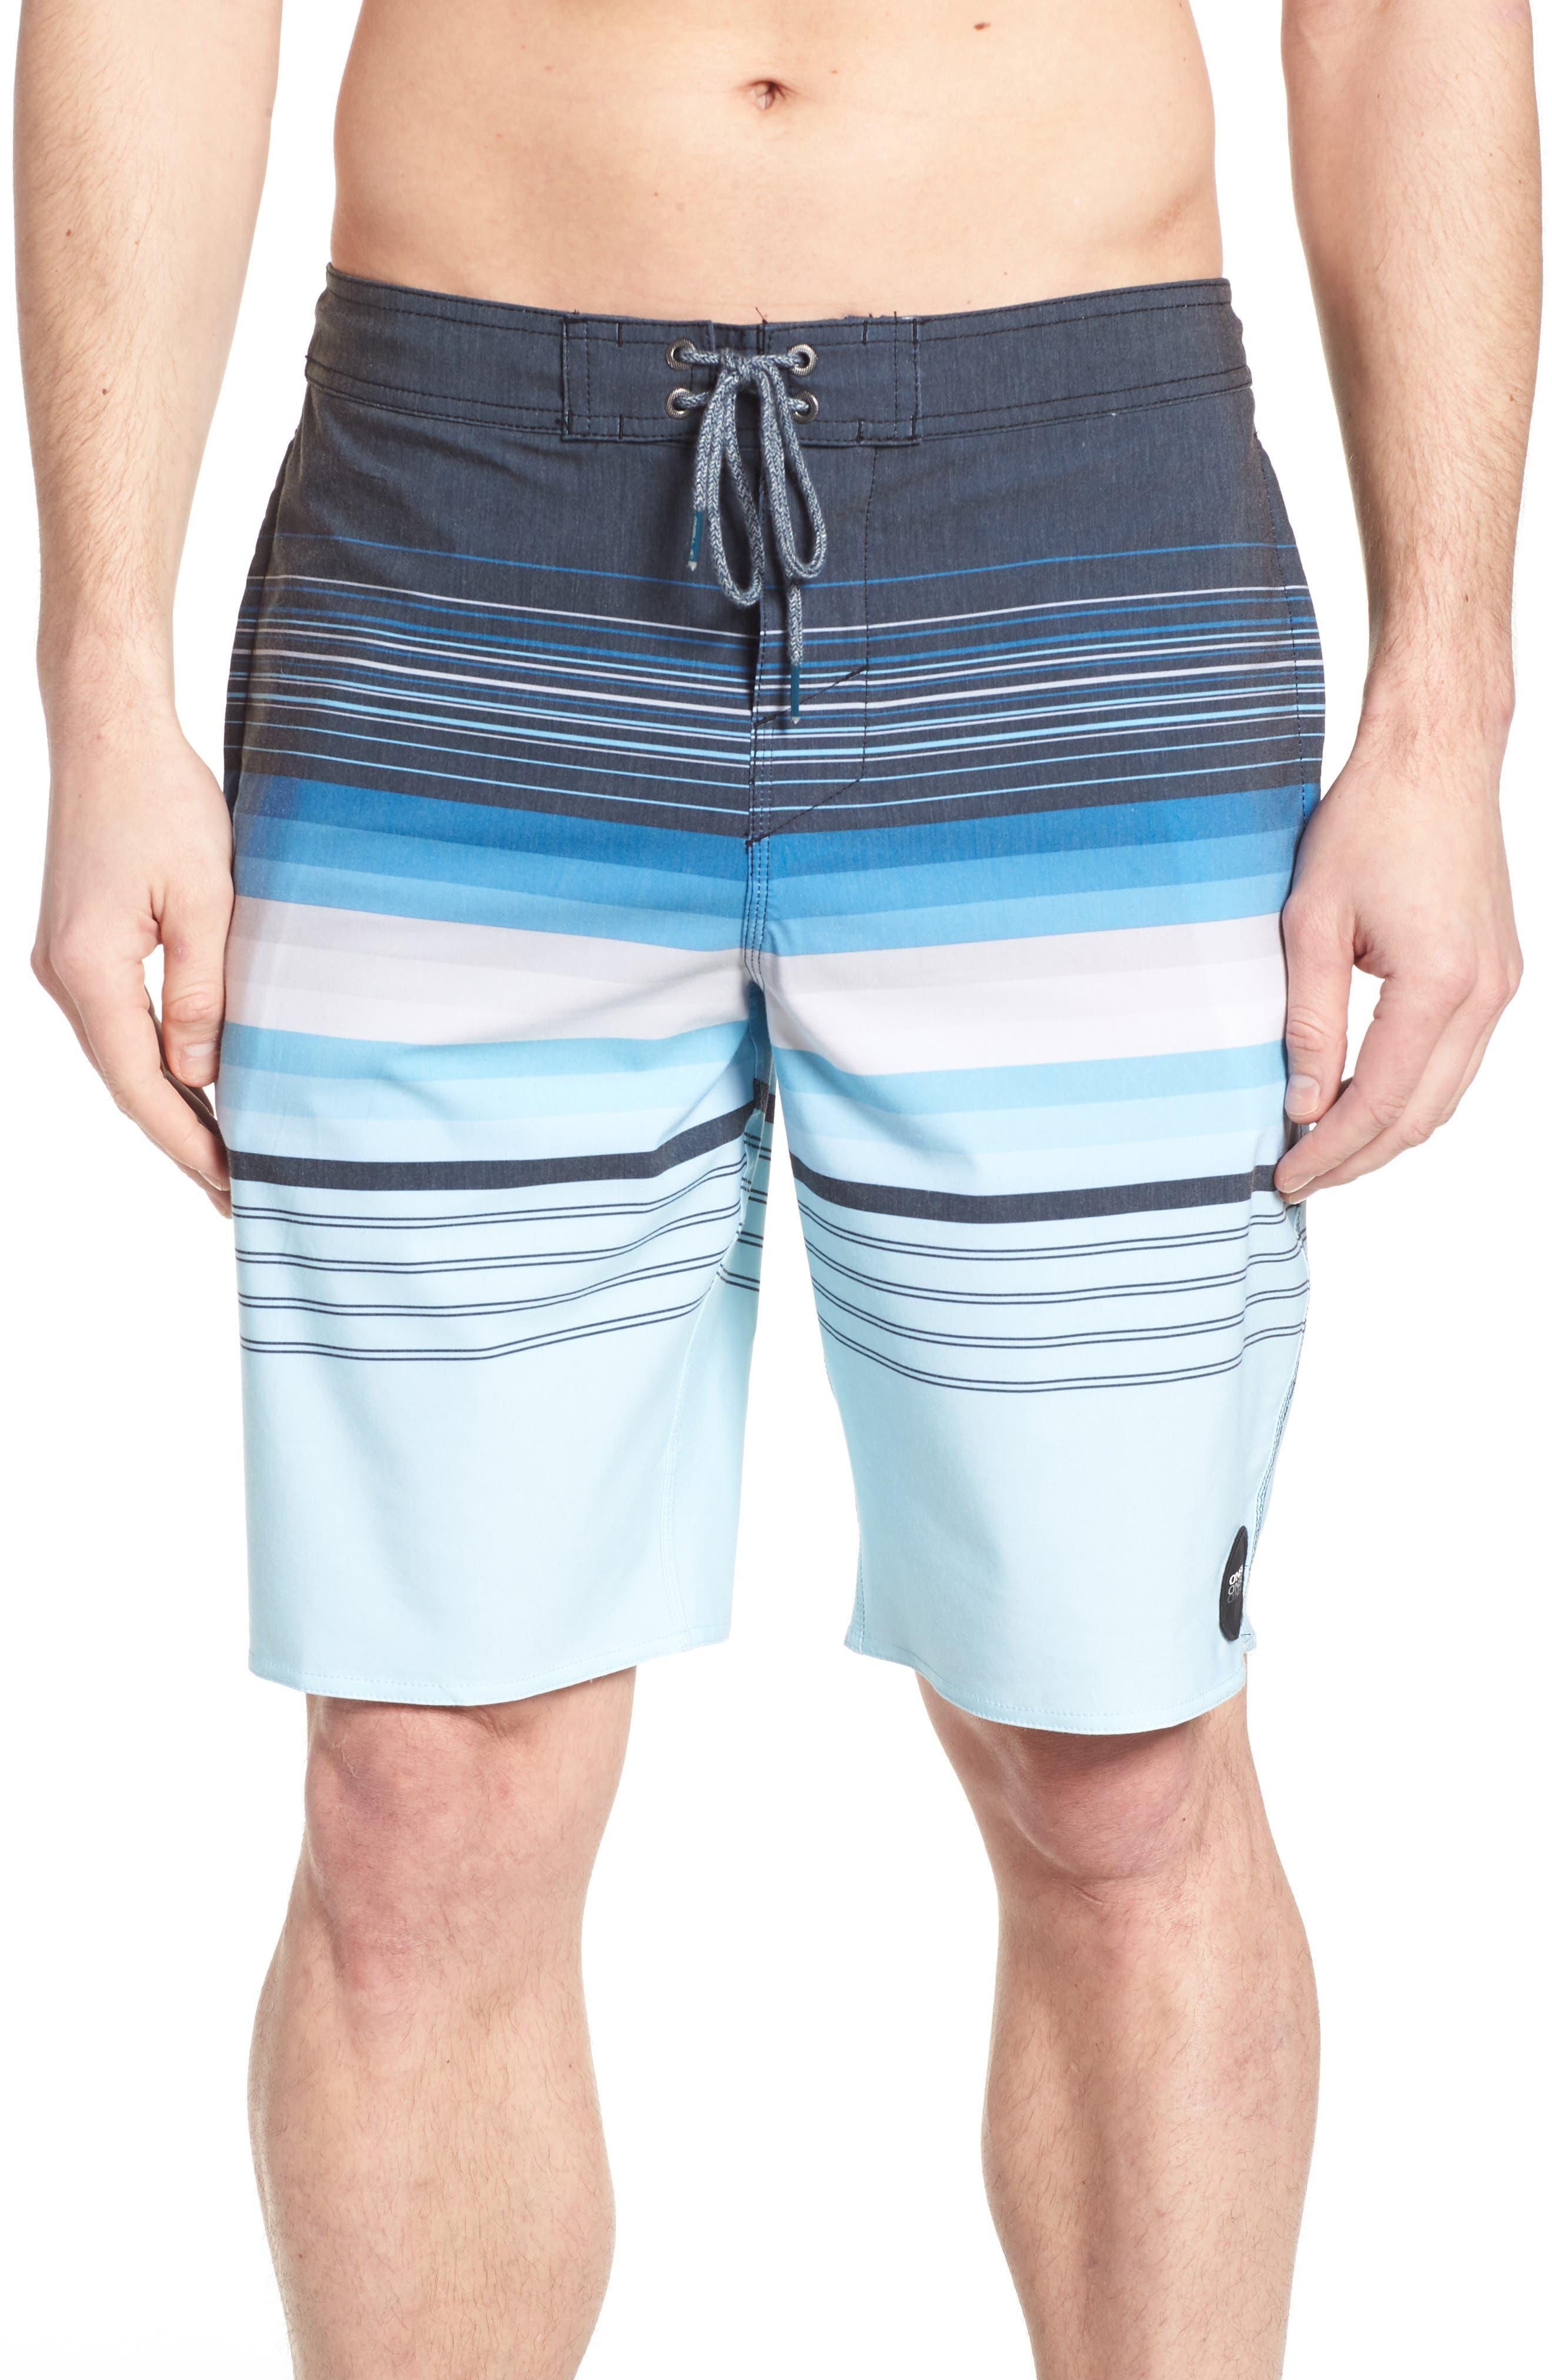 Sandbar Cruzer Board Shorts,                         Main,                         color, NAVY